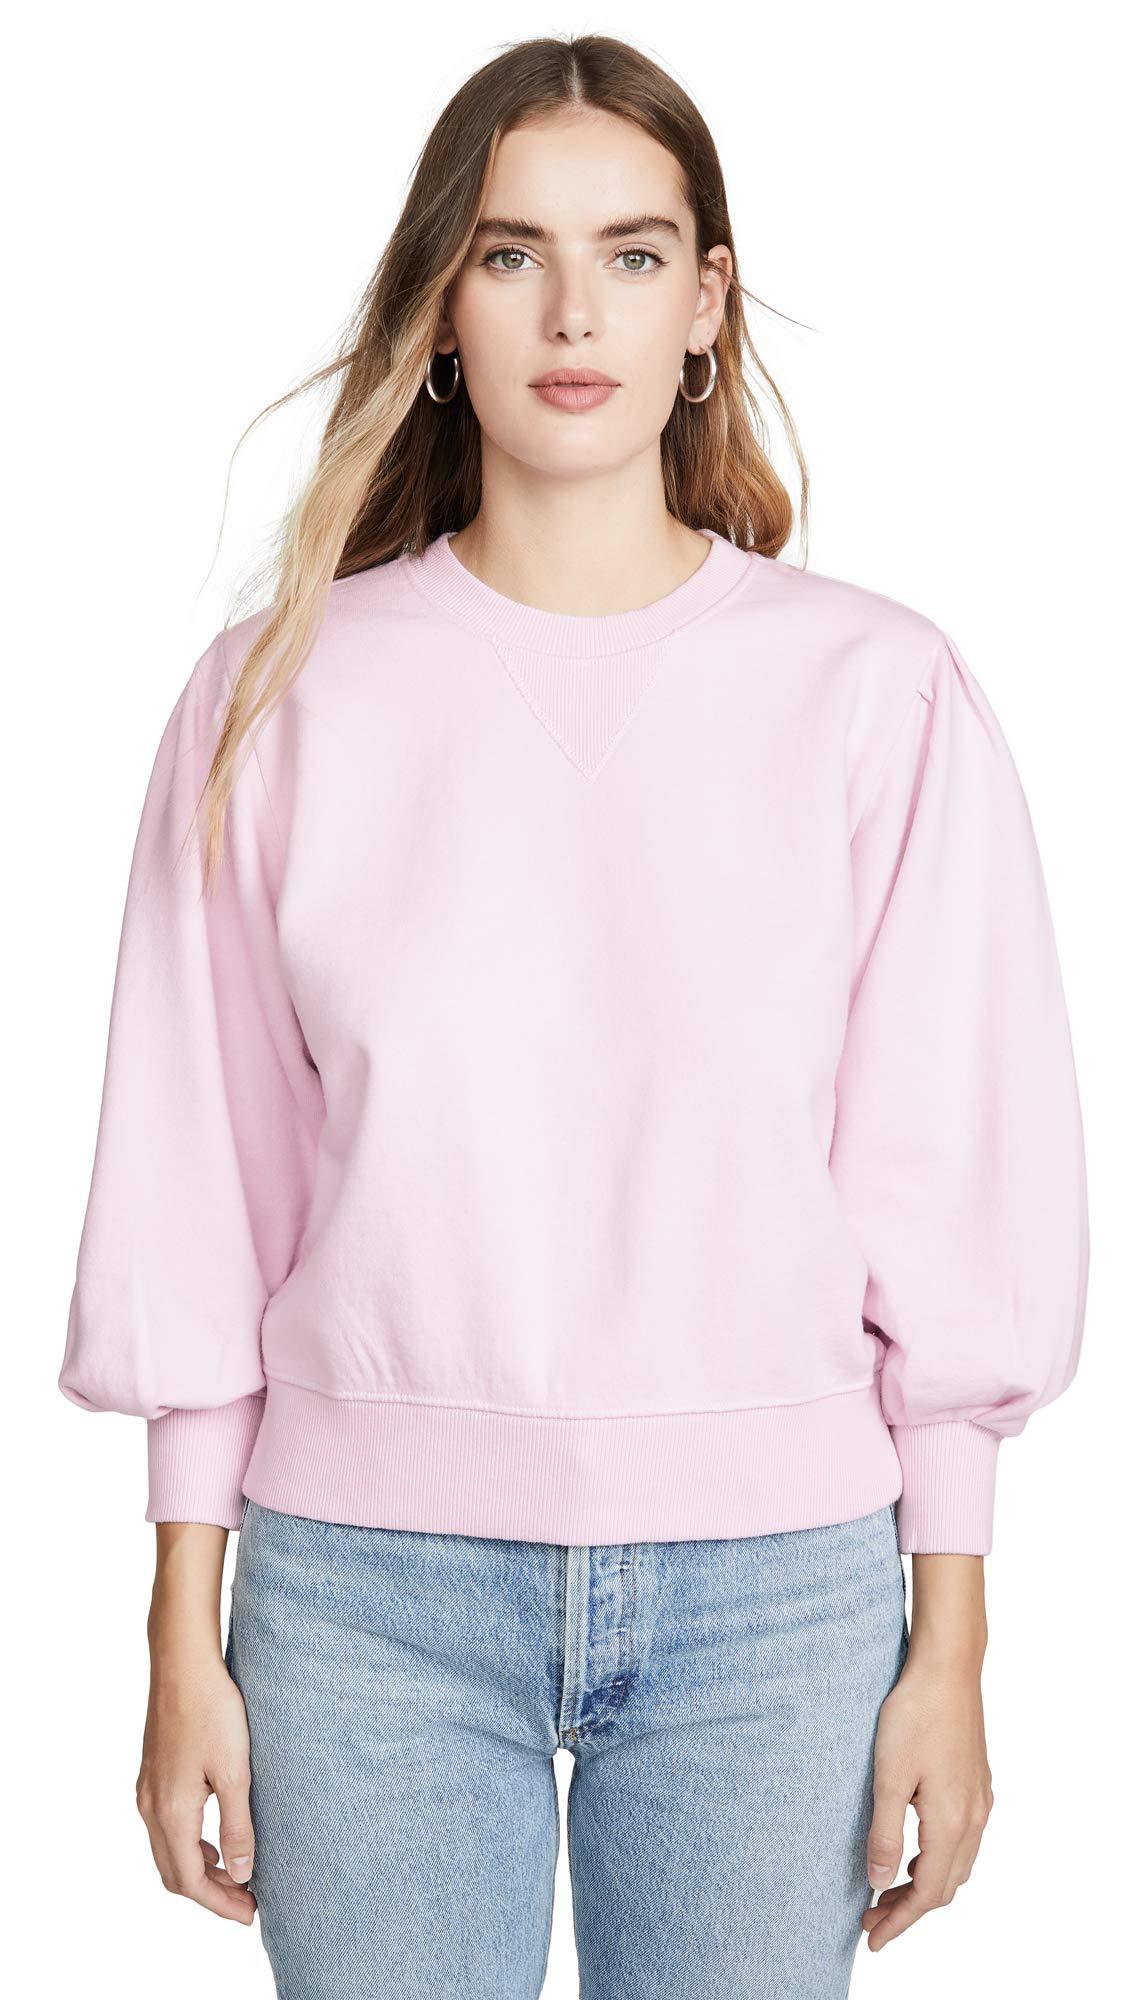 Rebecca Minkoff Women's Scarlette Sweatshirt